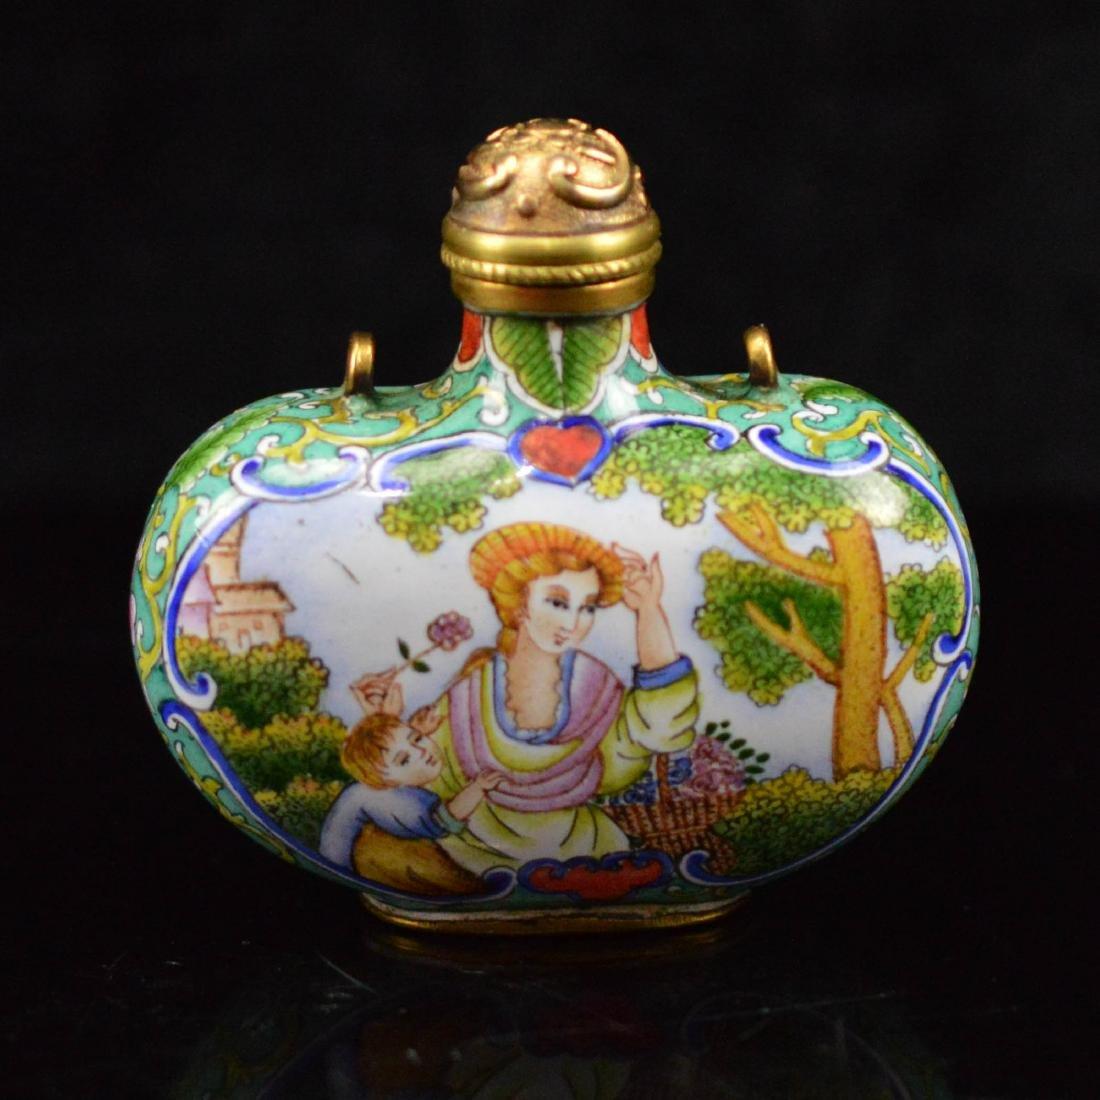 Cloisonne Enamel Snuff Bottle